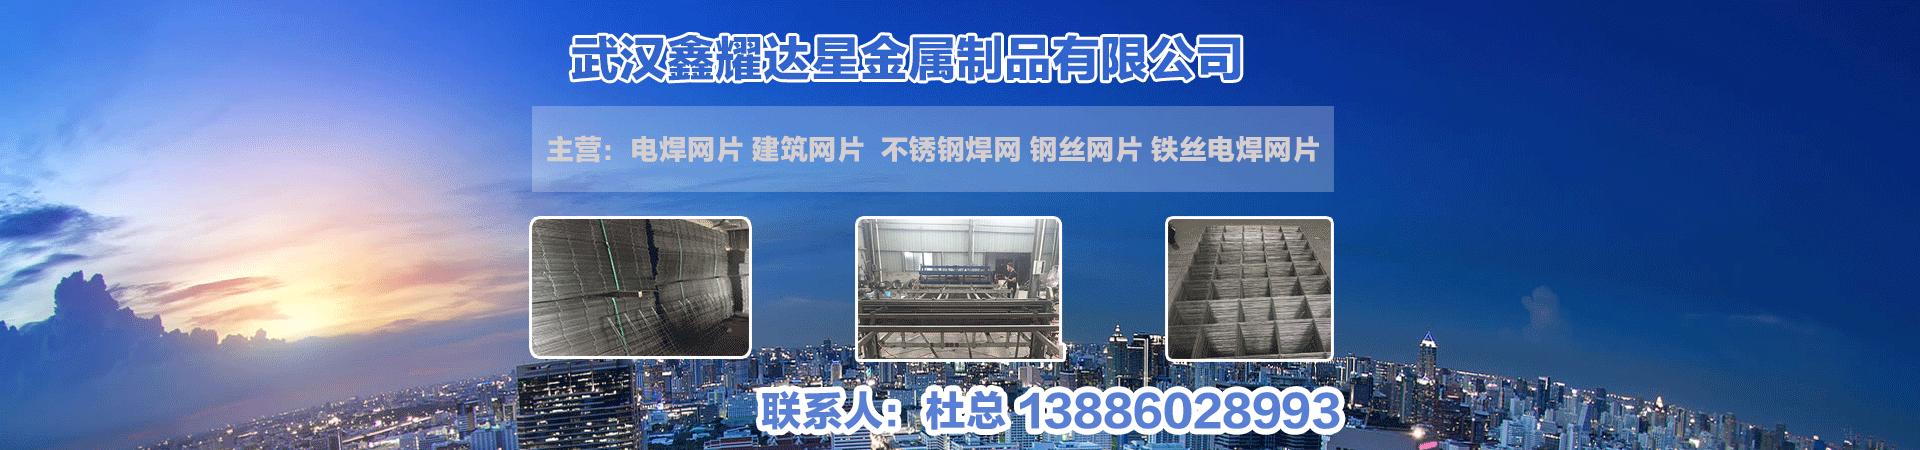 武漢鑫耀達星金屬製品玖玖資源站公司介紹